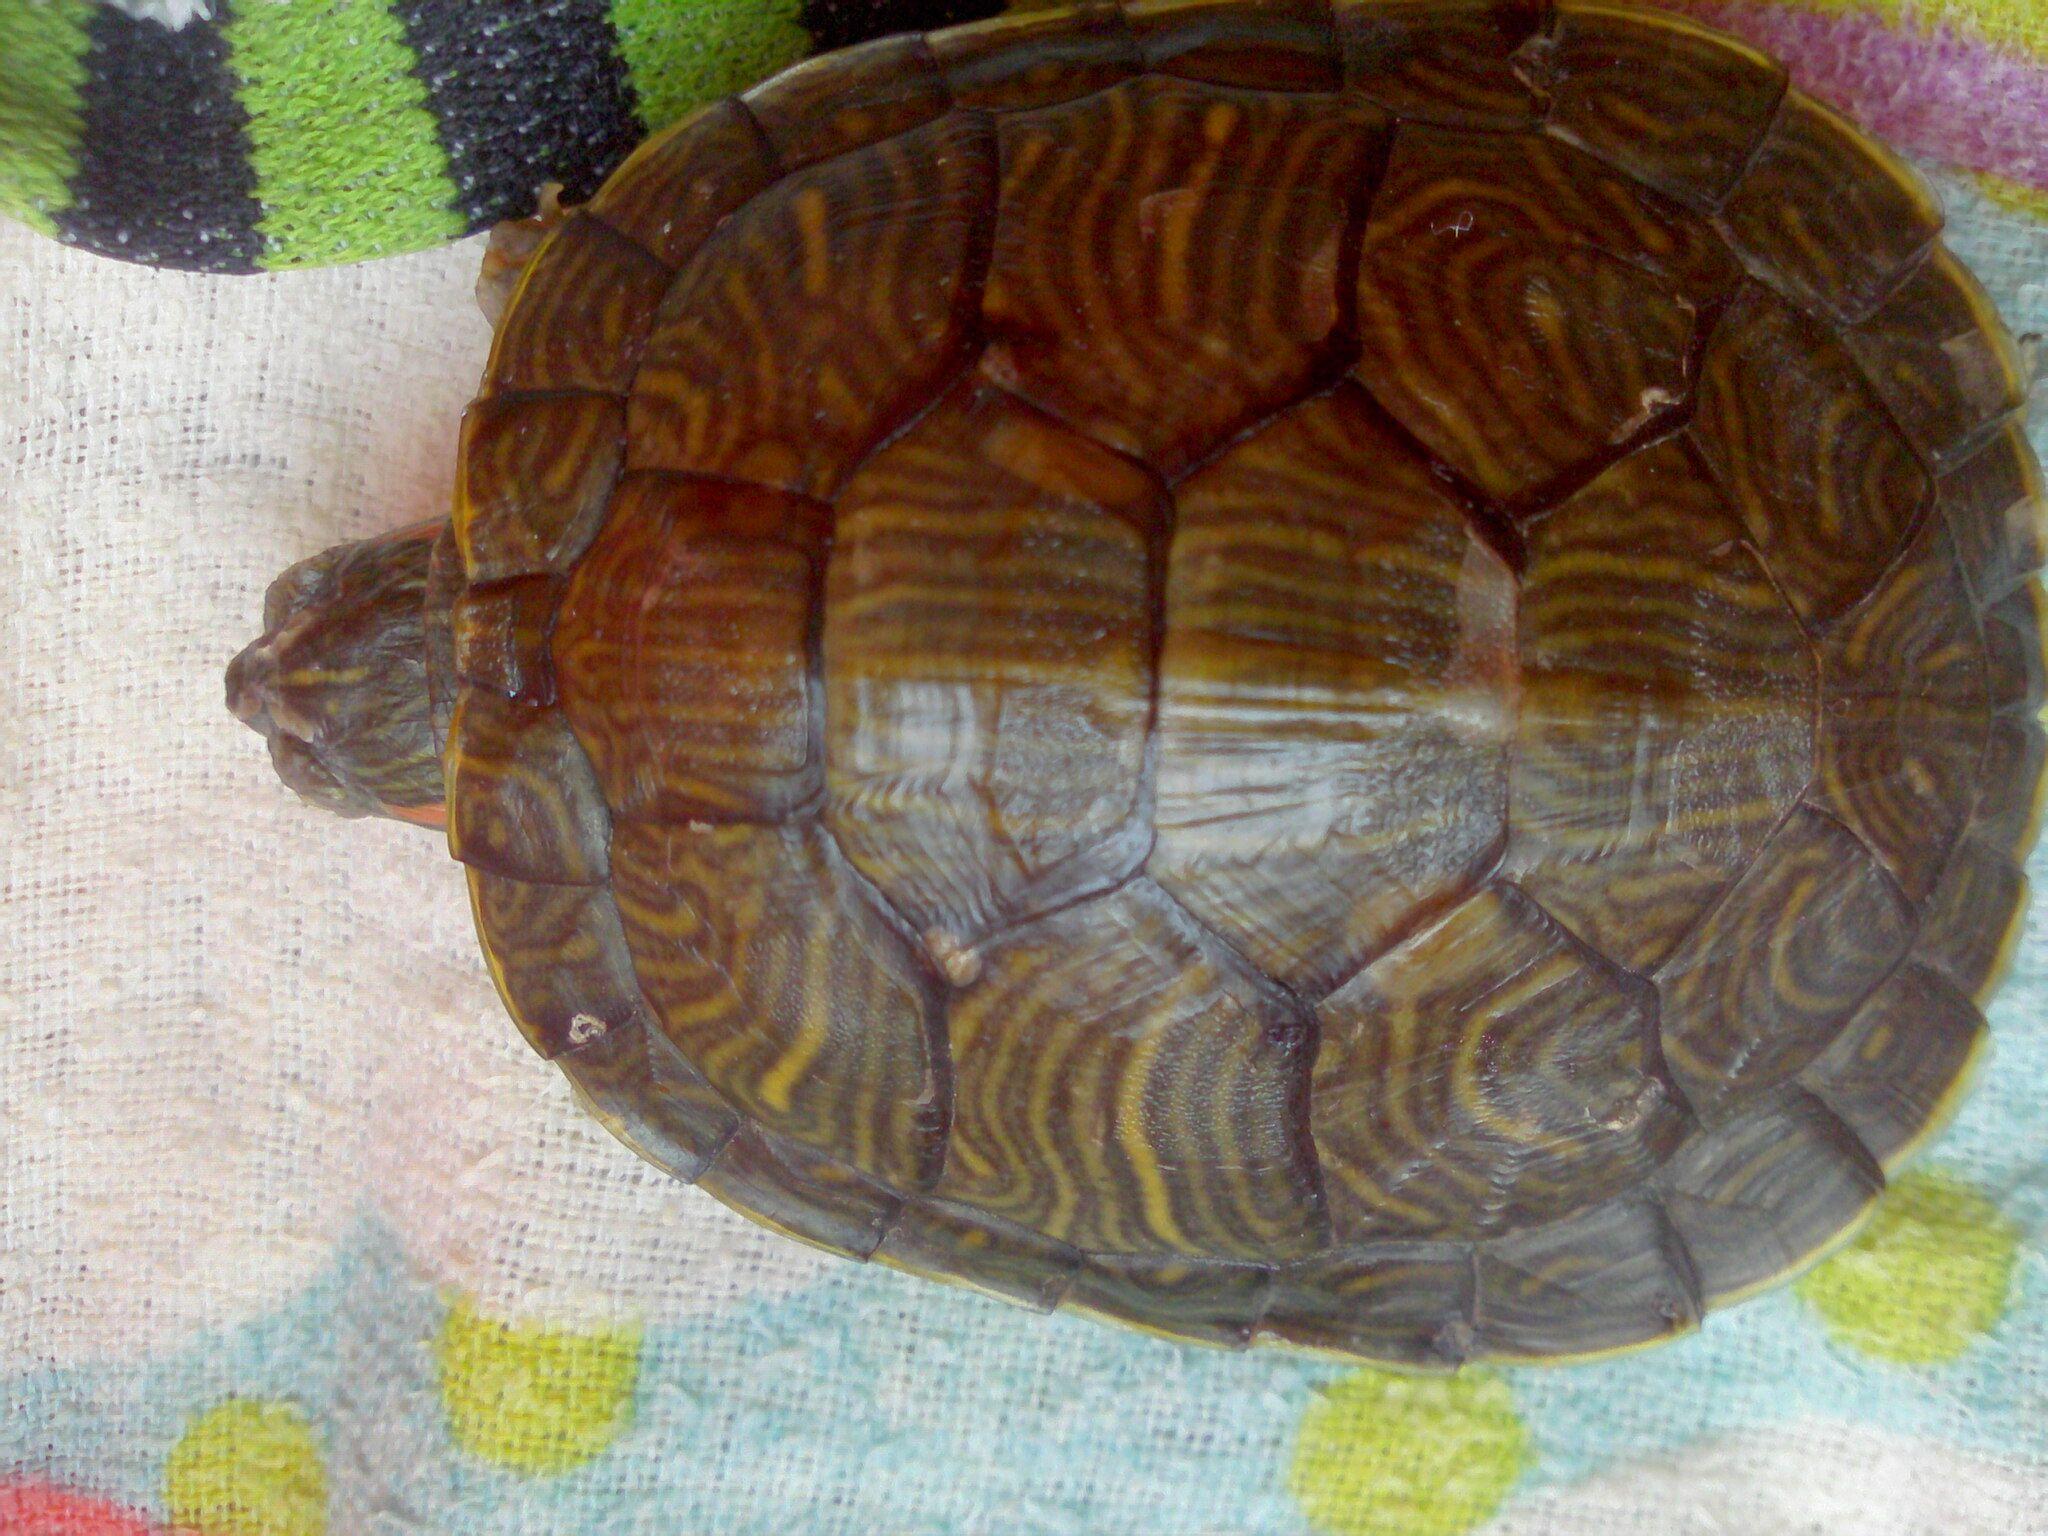 乌龟的壳,头的位置有个长尖,是什么龟